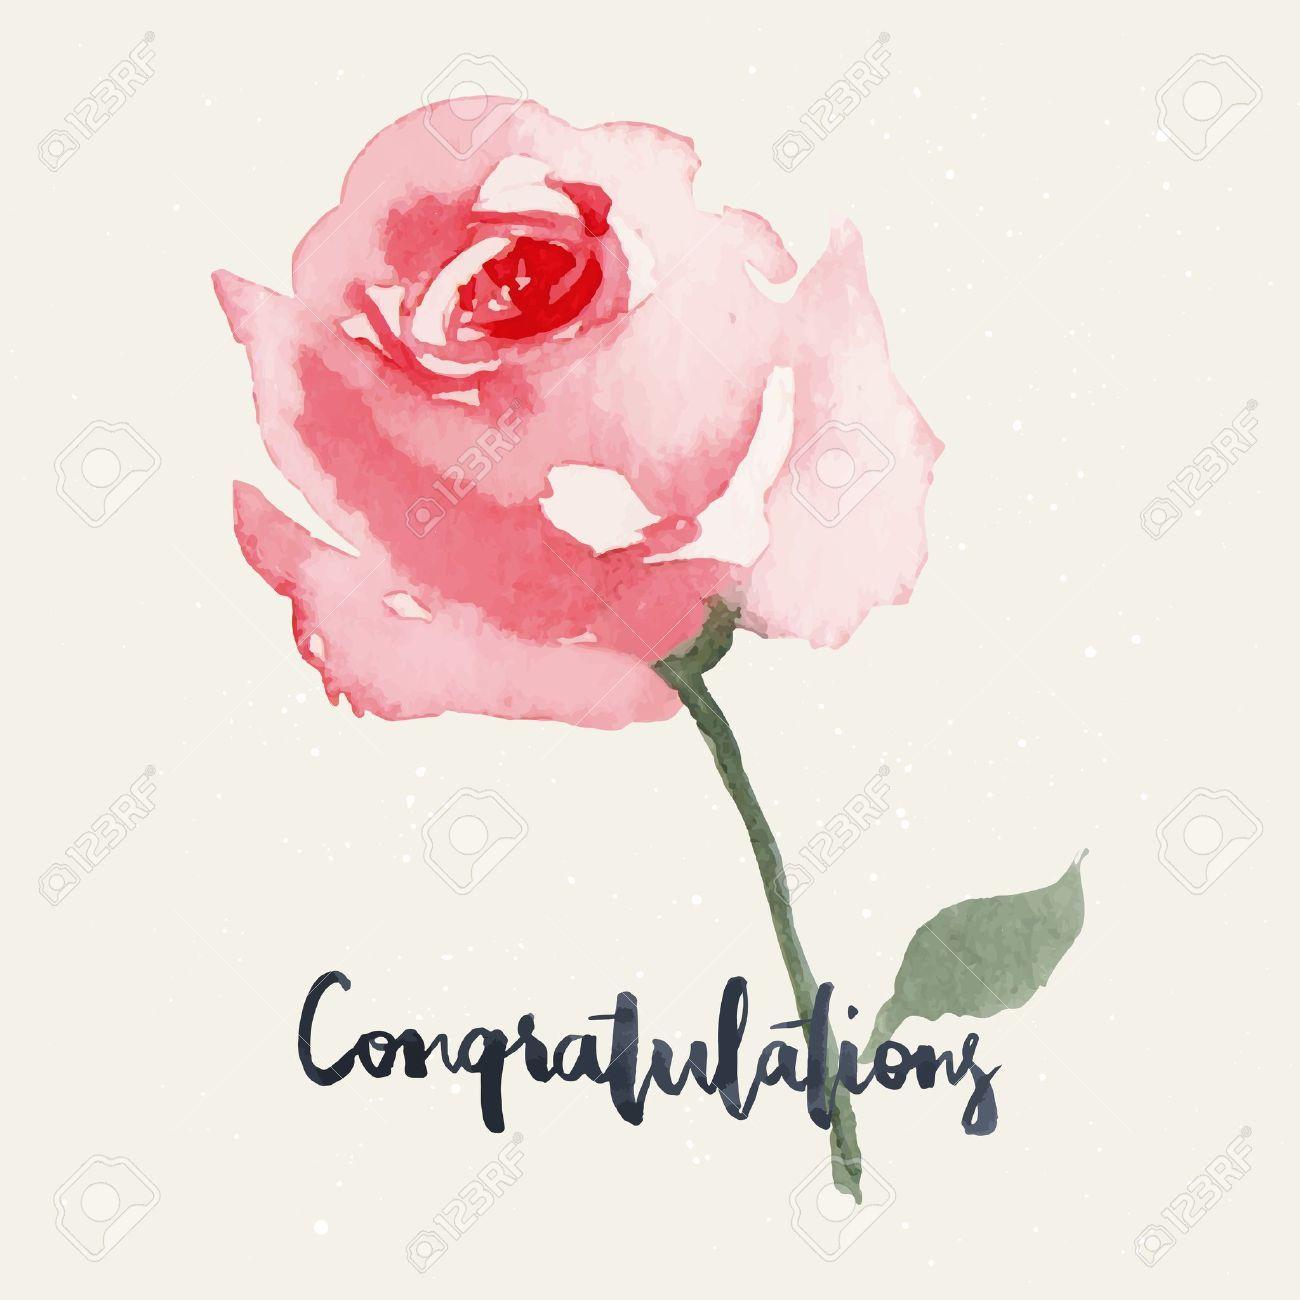 38363769 rose watercolor greeting card flowers handmade 38363769 rose watercolor greeting card flowers handmade congratulations kristyandbryce Images